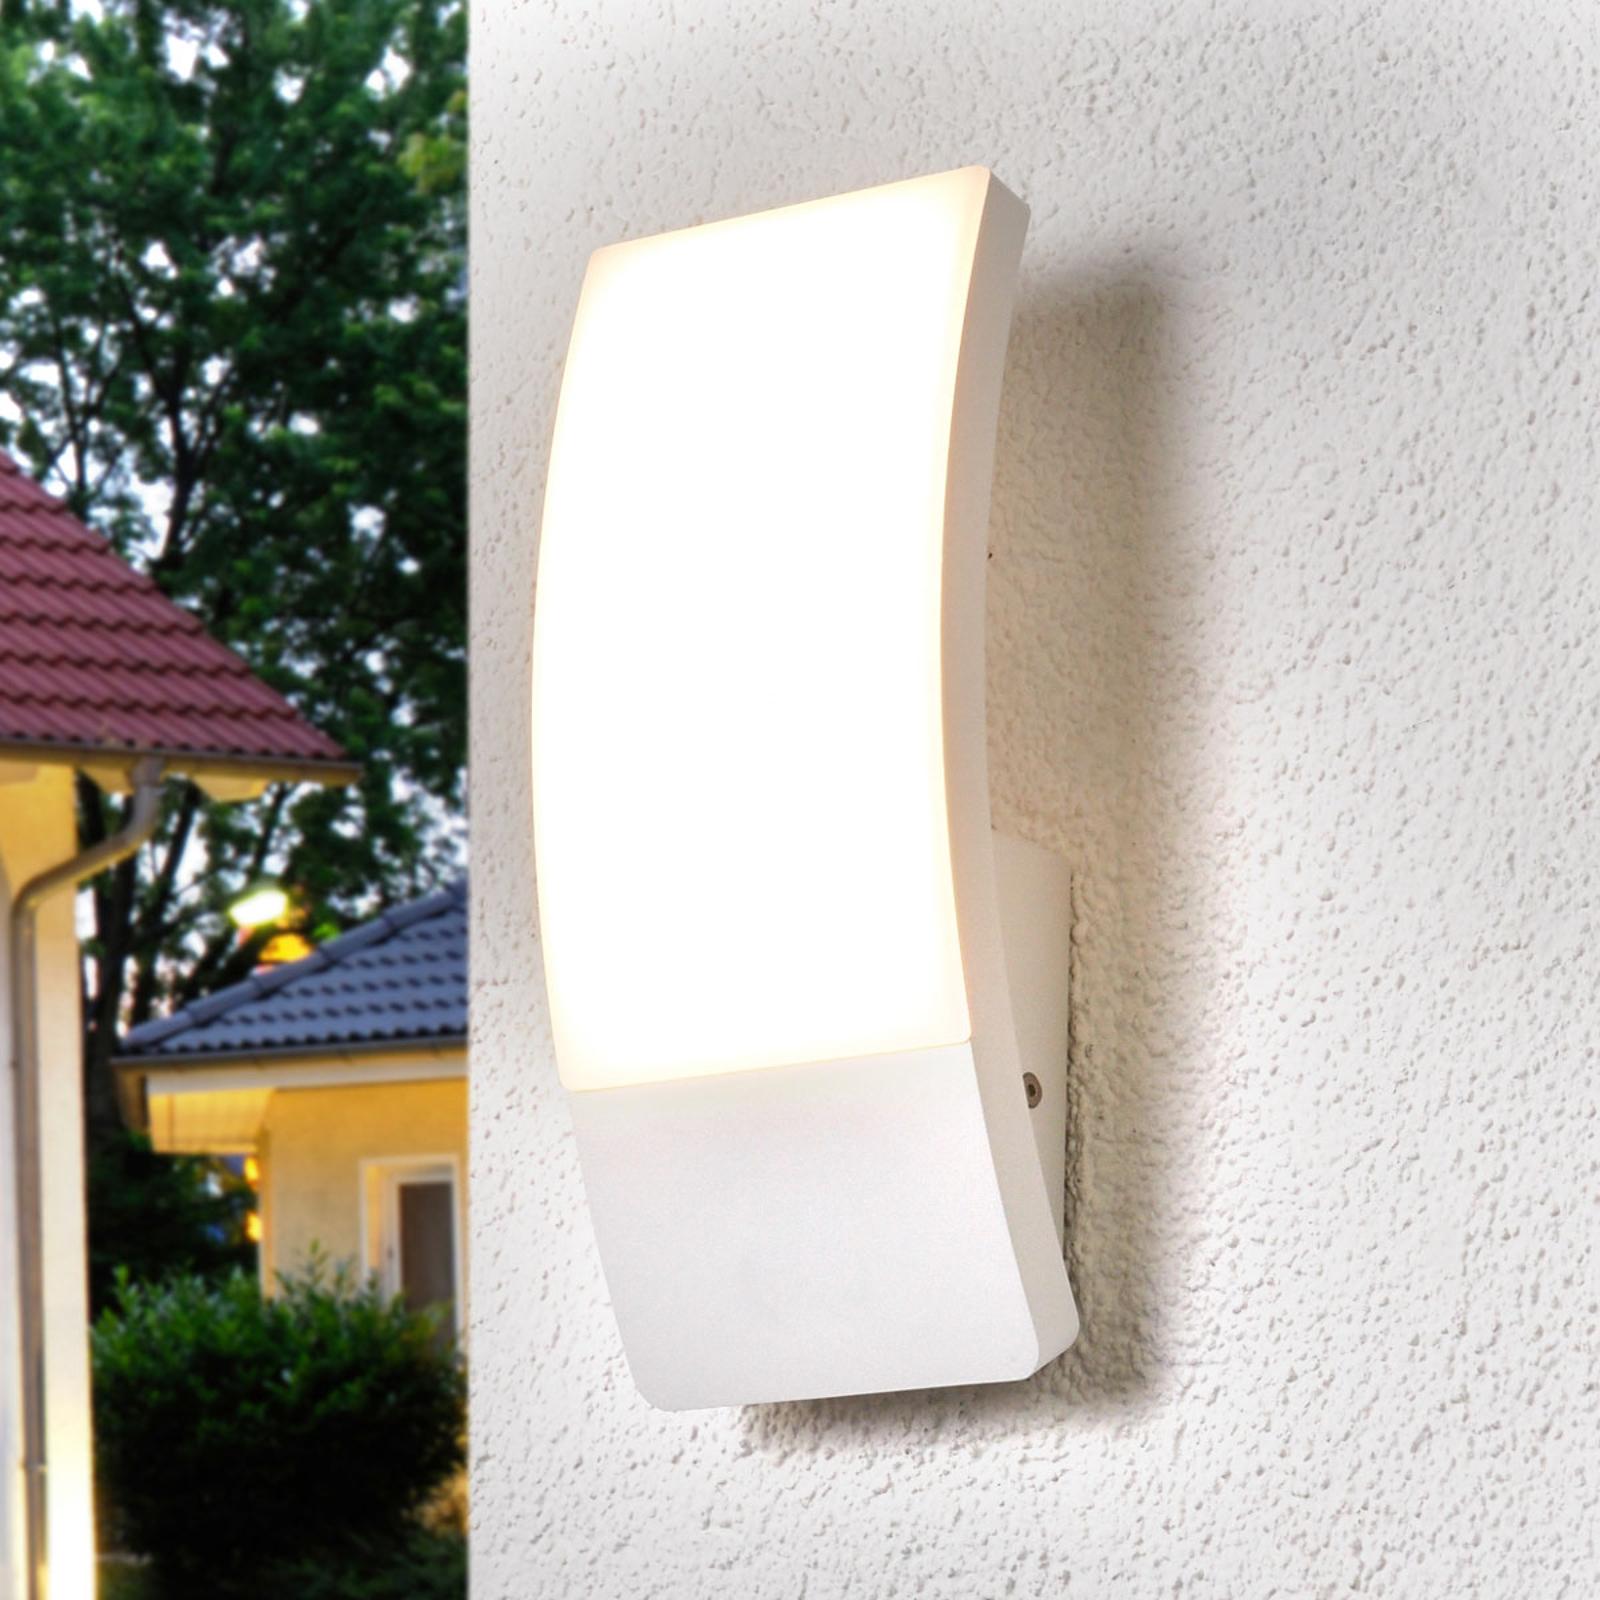 Weiße LED-Außenwandlampe Siara in gewölbter Form